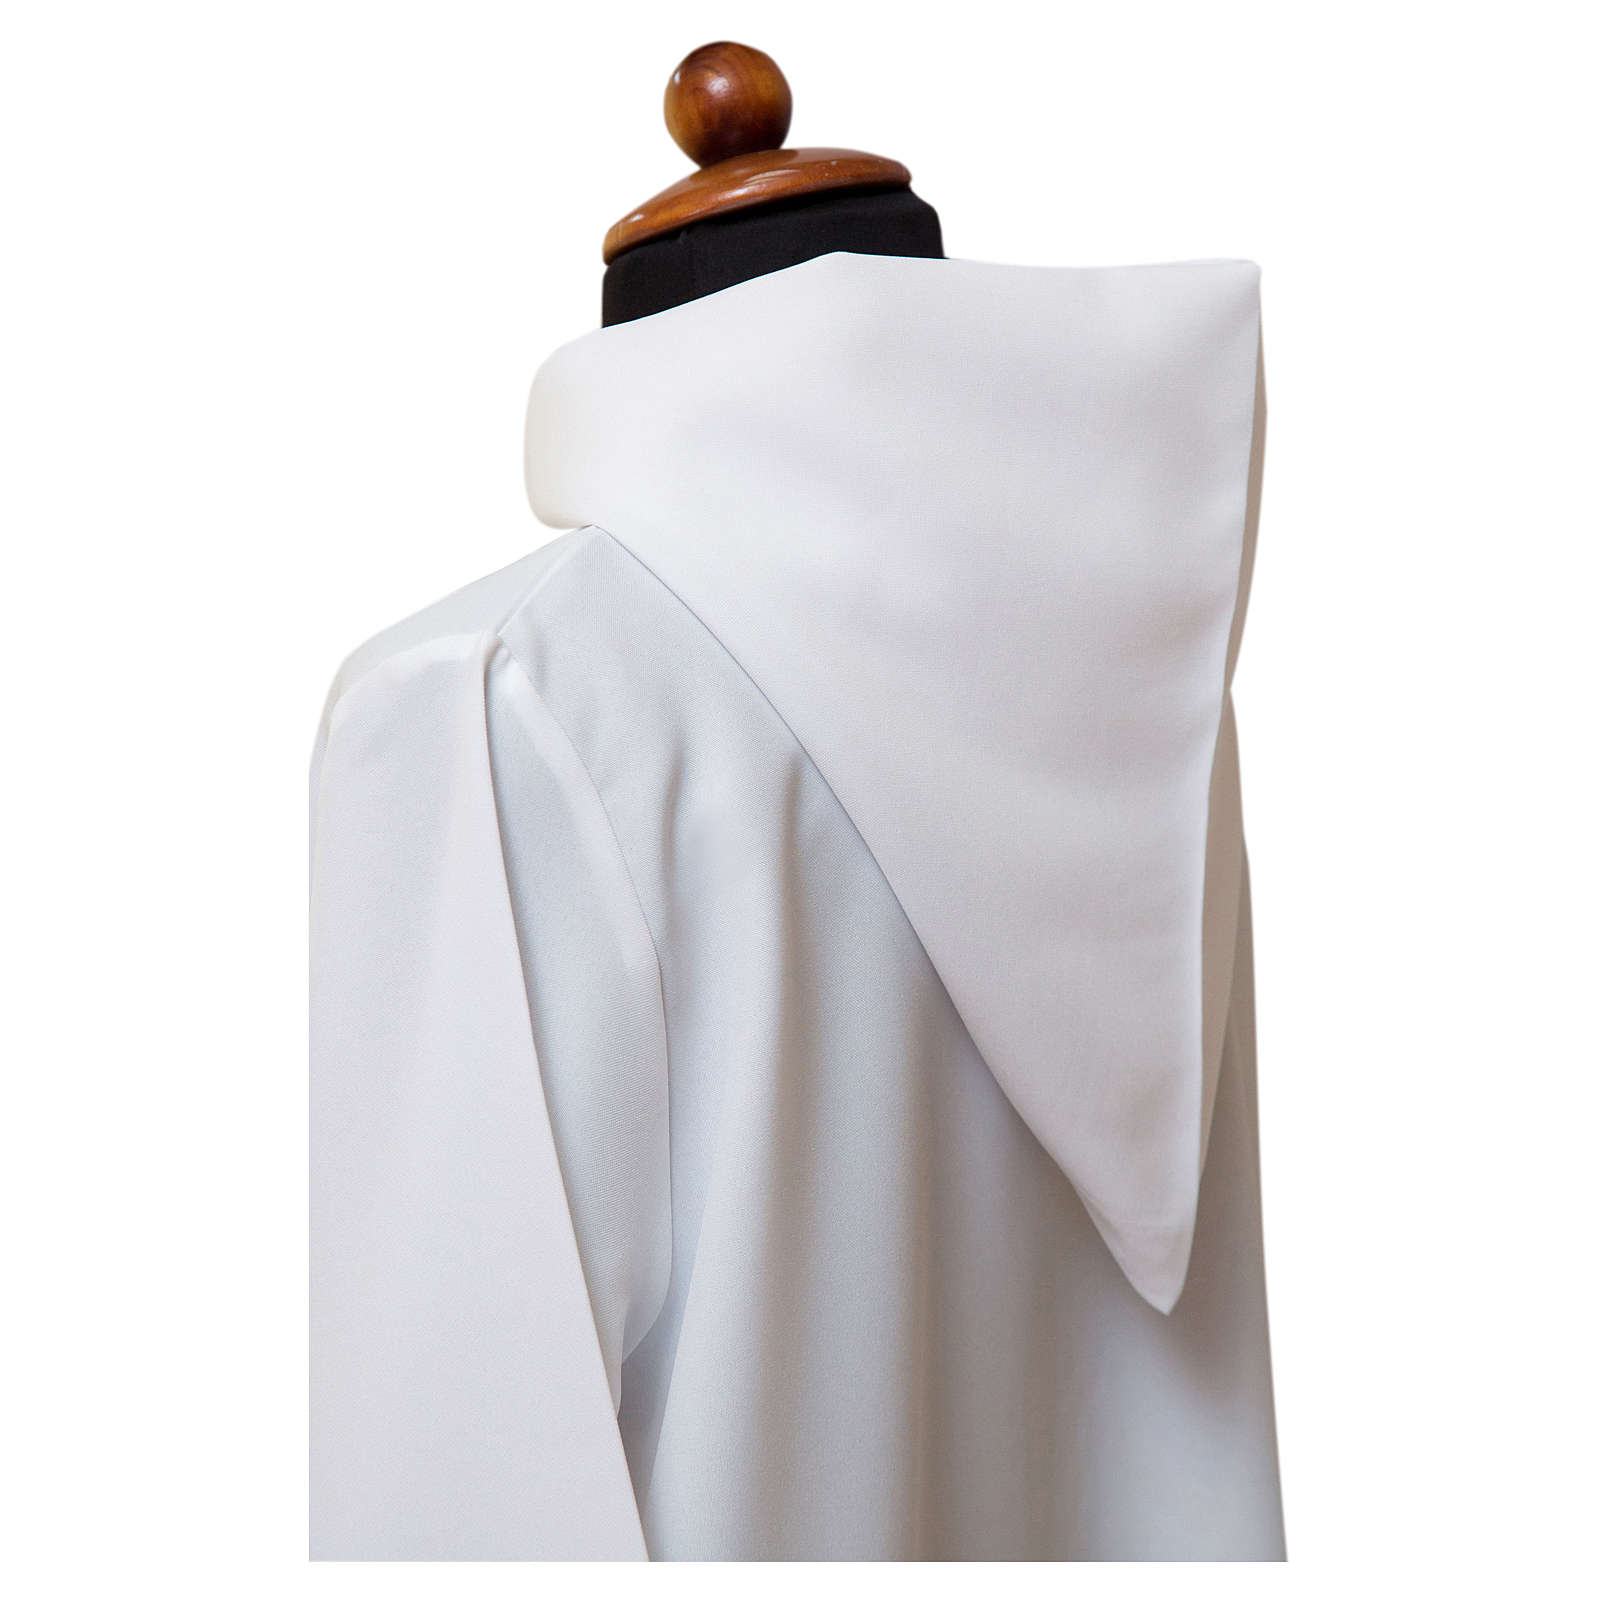 Aube blanche évasée ample capuche coton mixte 4